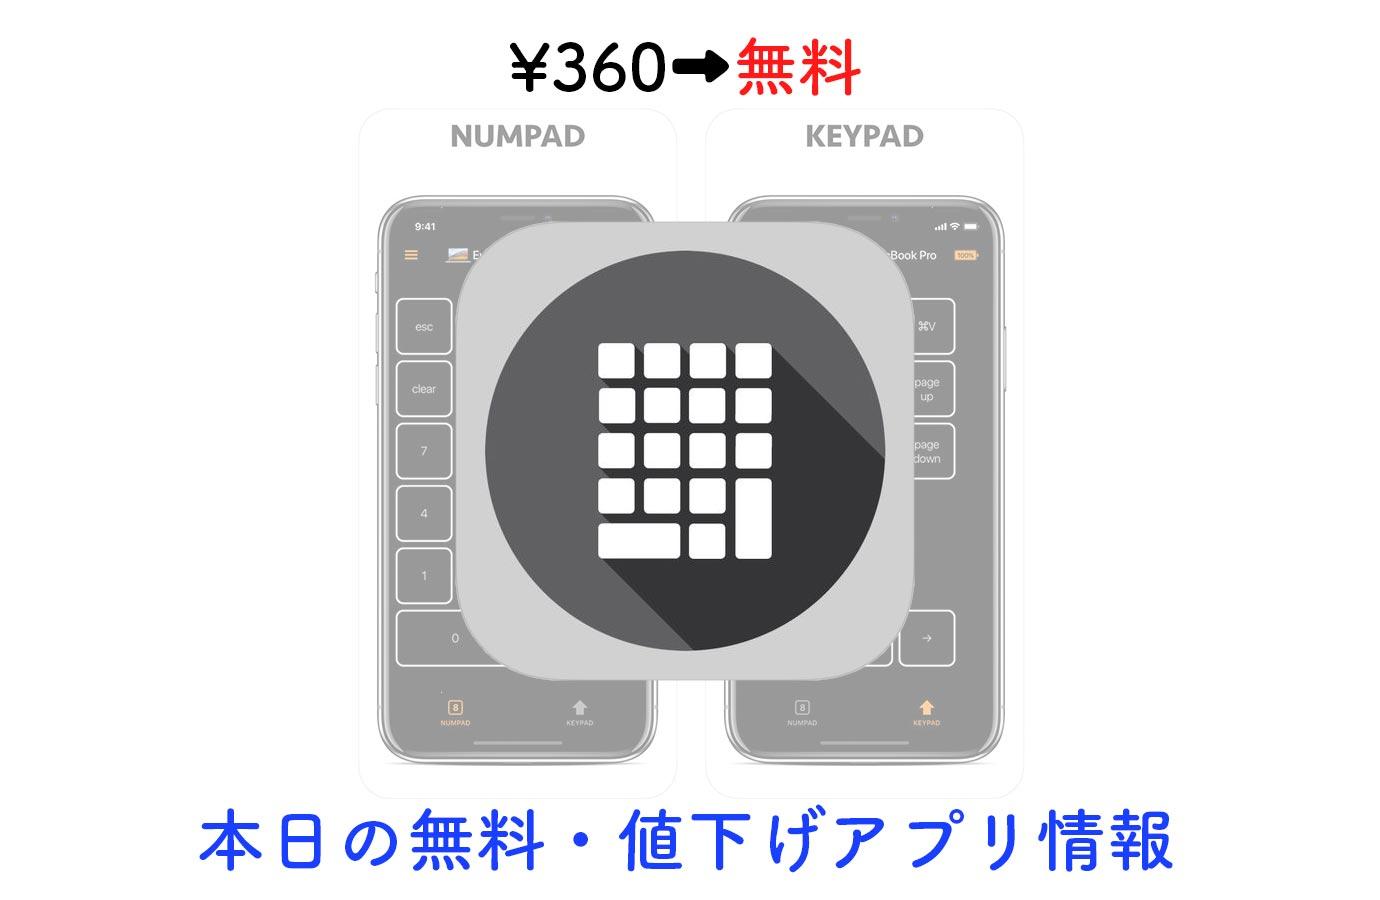 ¥360→無料、iOSデバイスをMacのテンキーとして使える「Remote Pad for Mac」など【4/7】セールアプリ情報